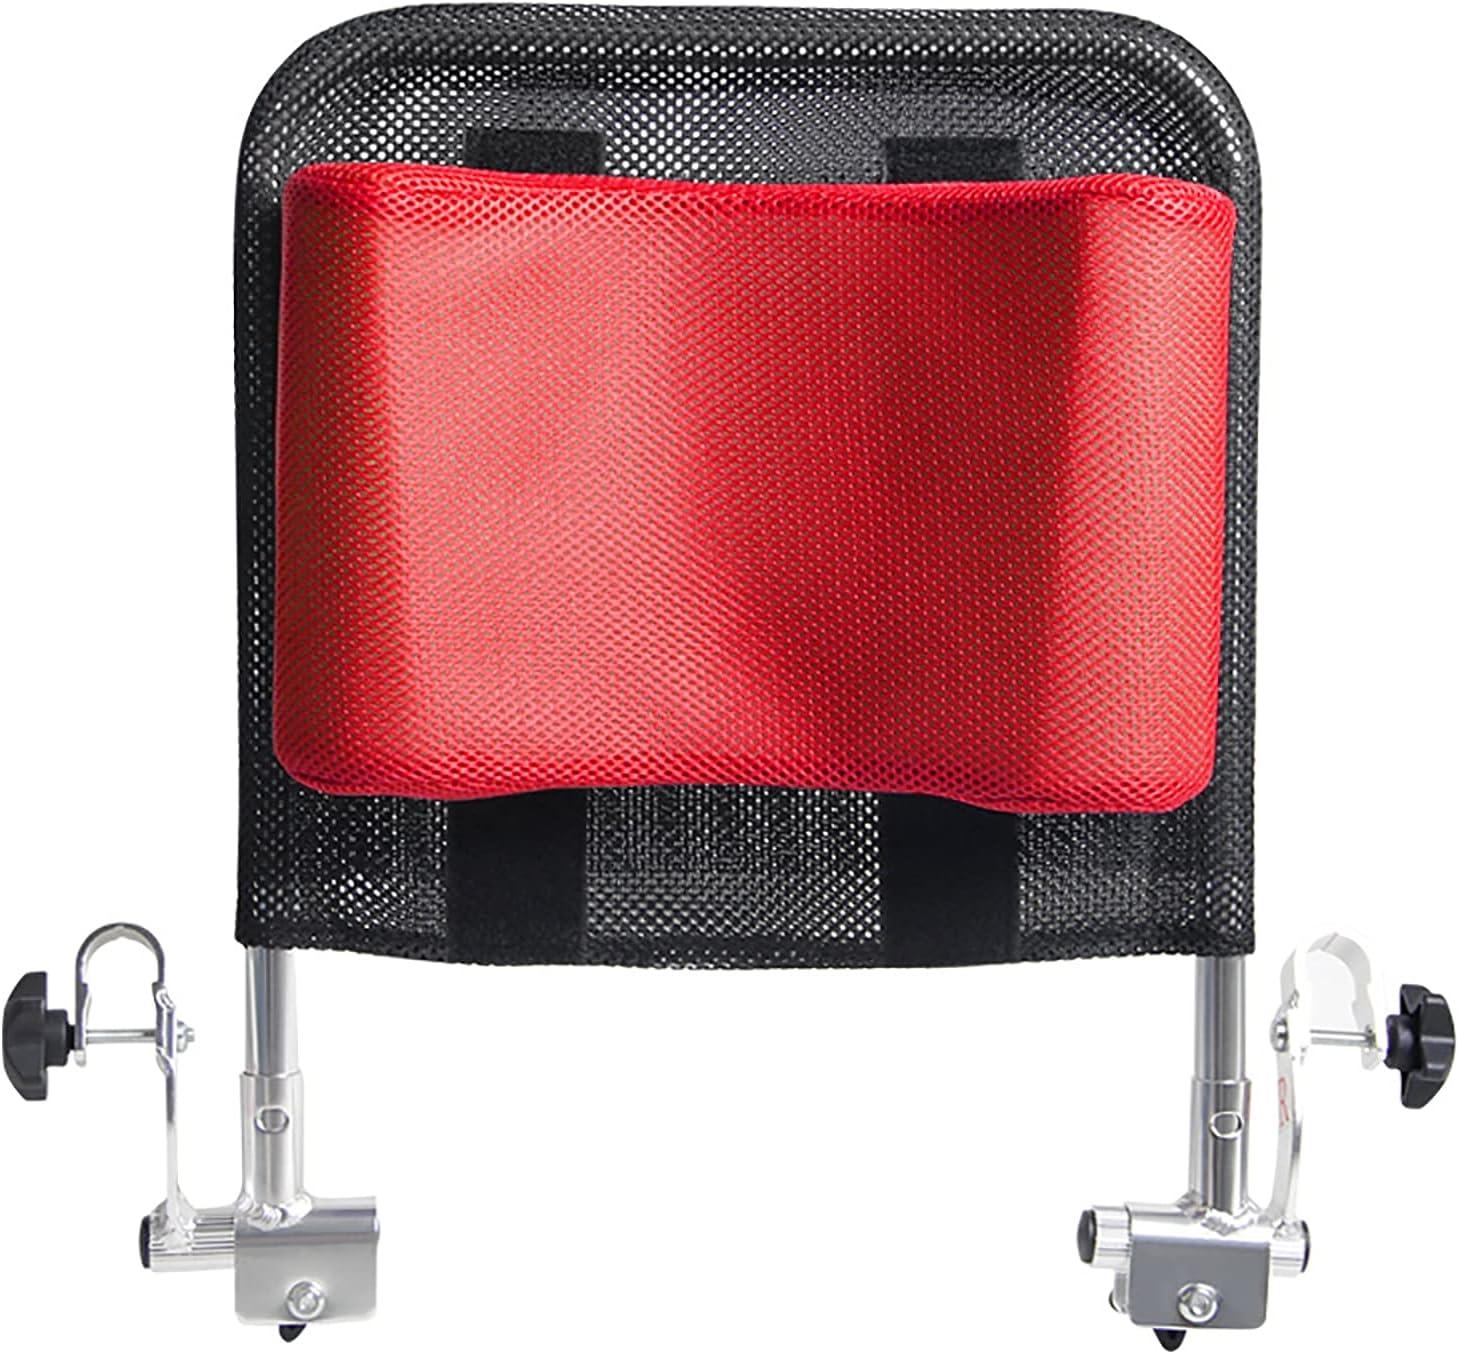 Reposacabezas para silla de ruedas, soporte para el cuello, cómodo cojín para el respaldo del asiento, altura y ángulo ajustables y portátil para adultos, silla de ruedas de viaje (ancho 16